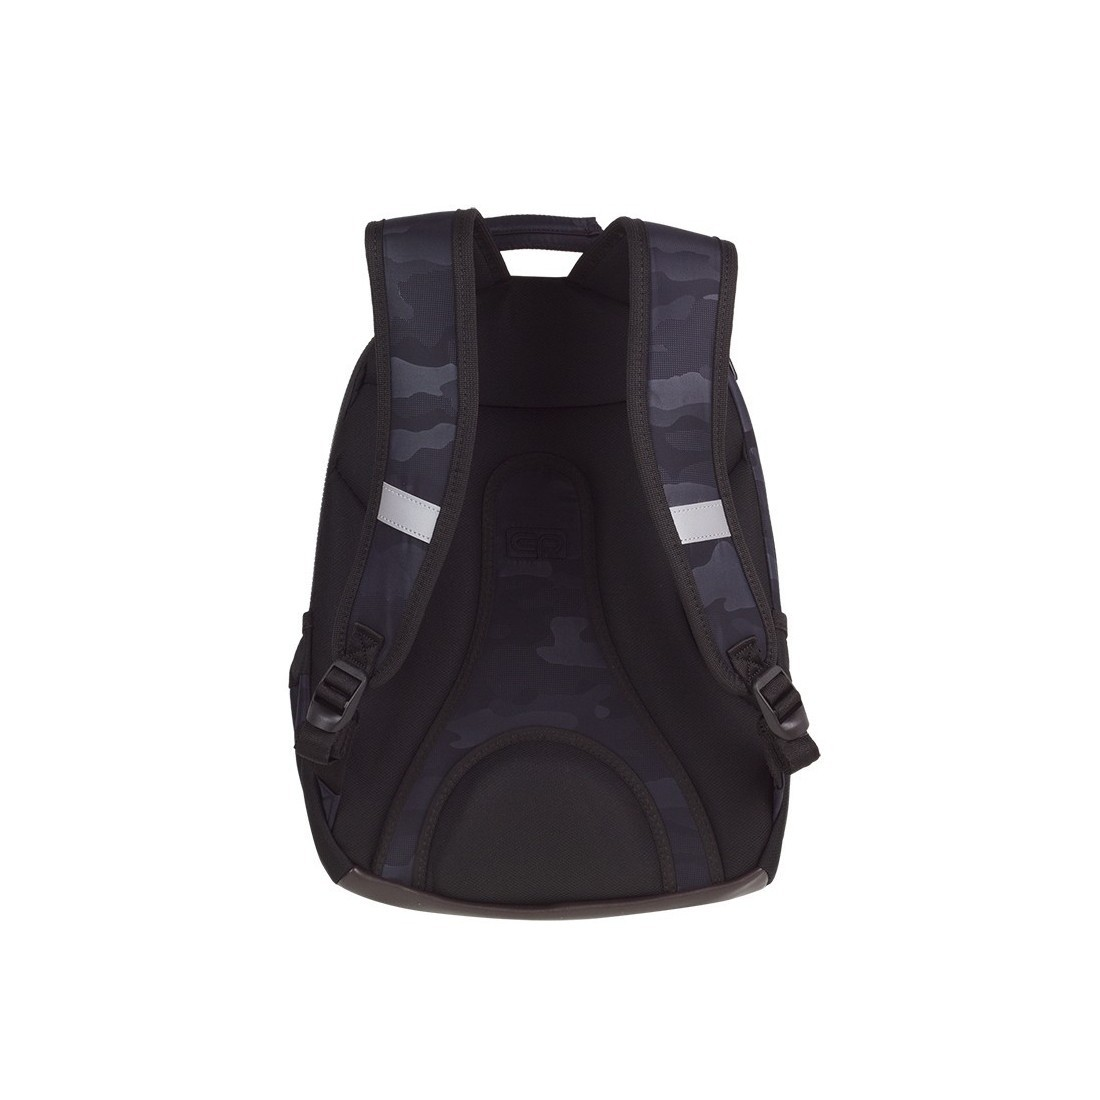 Plecak szkolny CoolPack CP UNIT CAMO BLACK czarne moro anatomicznie profilowane plecy - A560